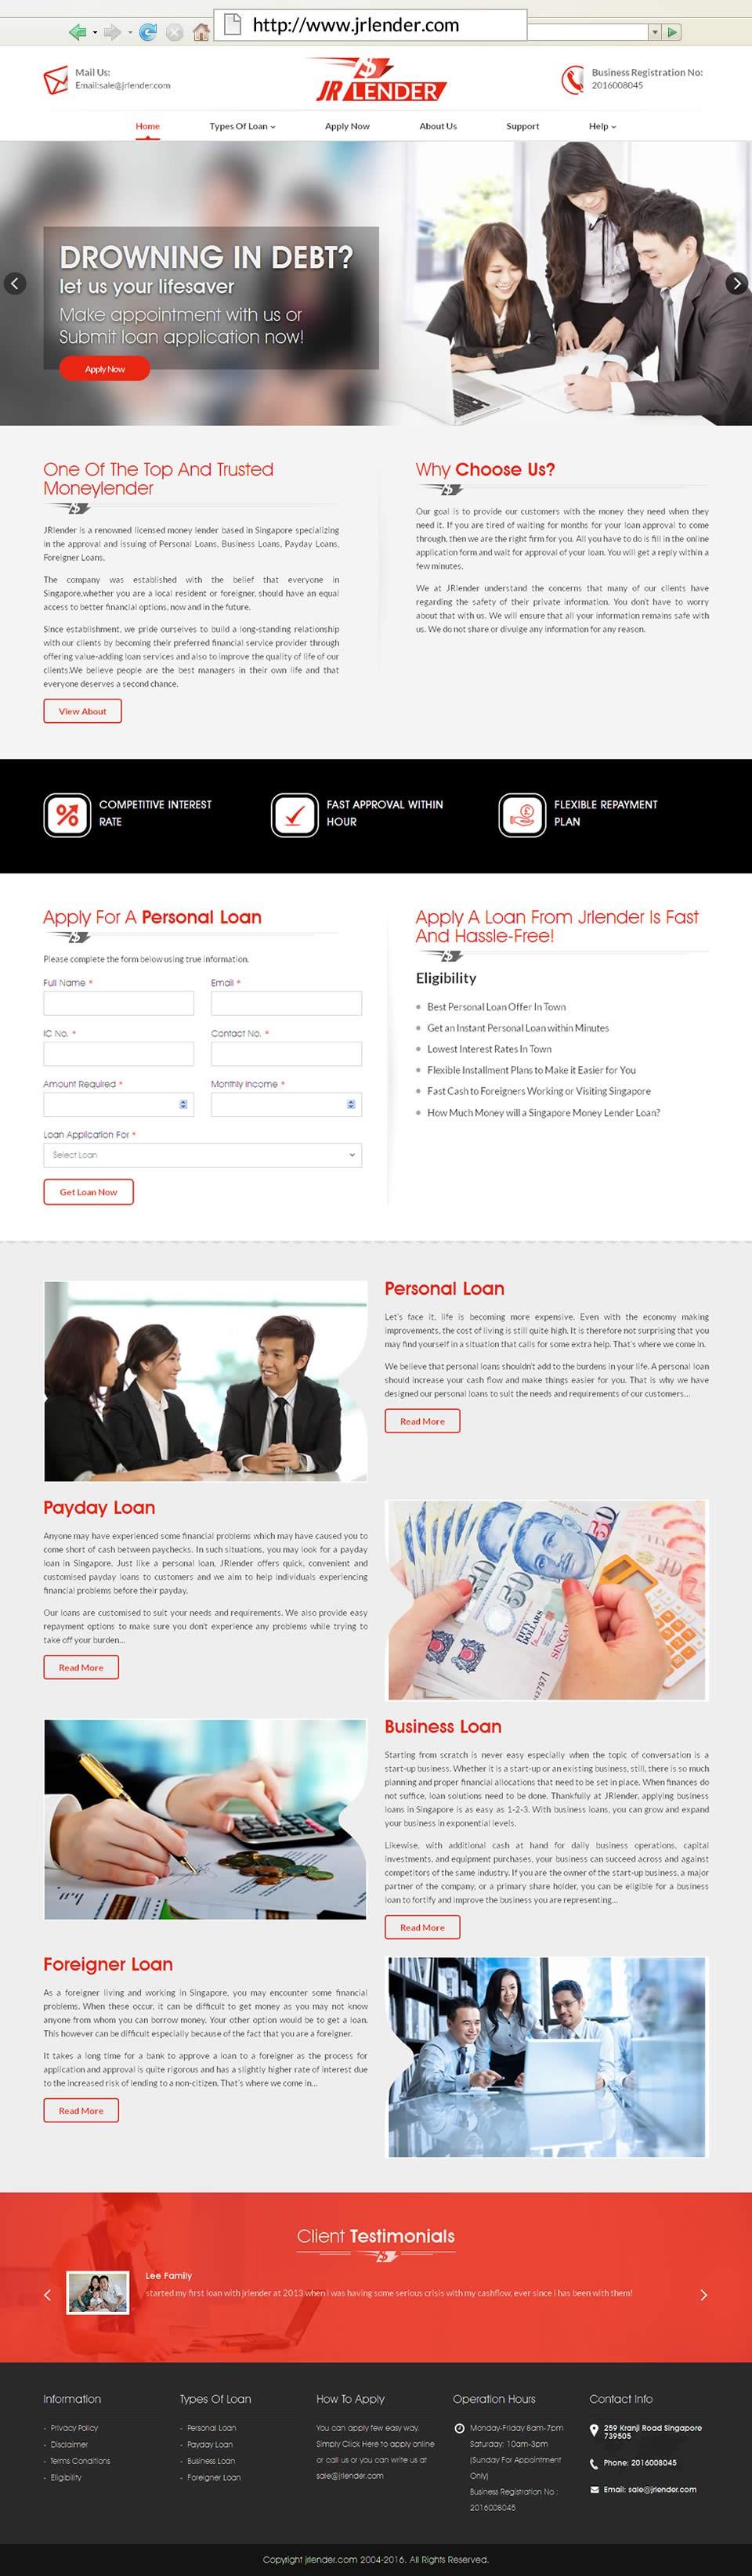 http://www.smartinfosys.net/50076/jr-lender.jpg